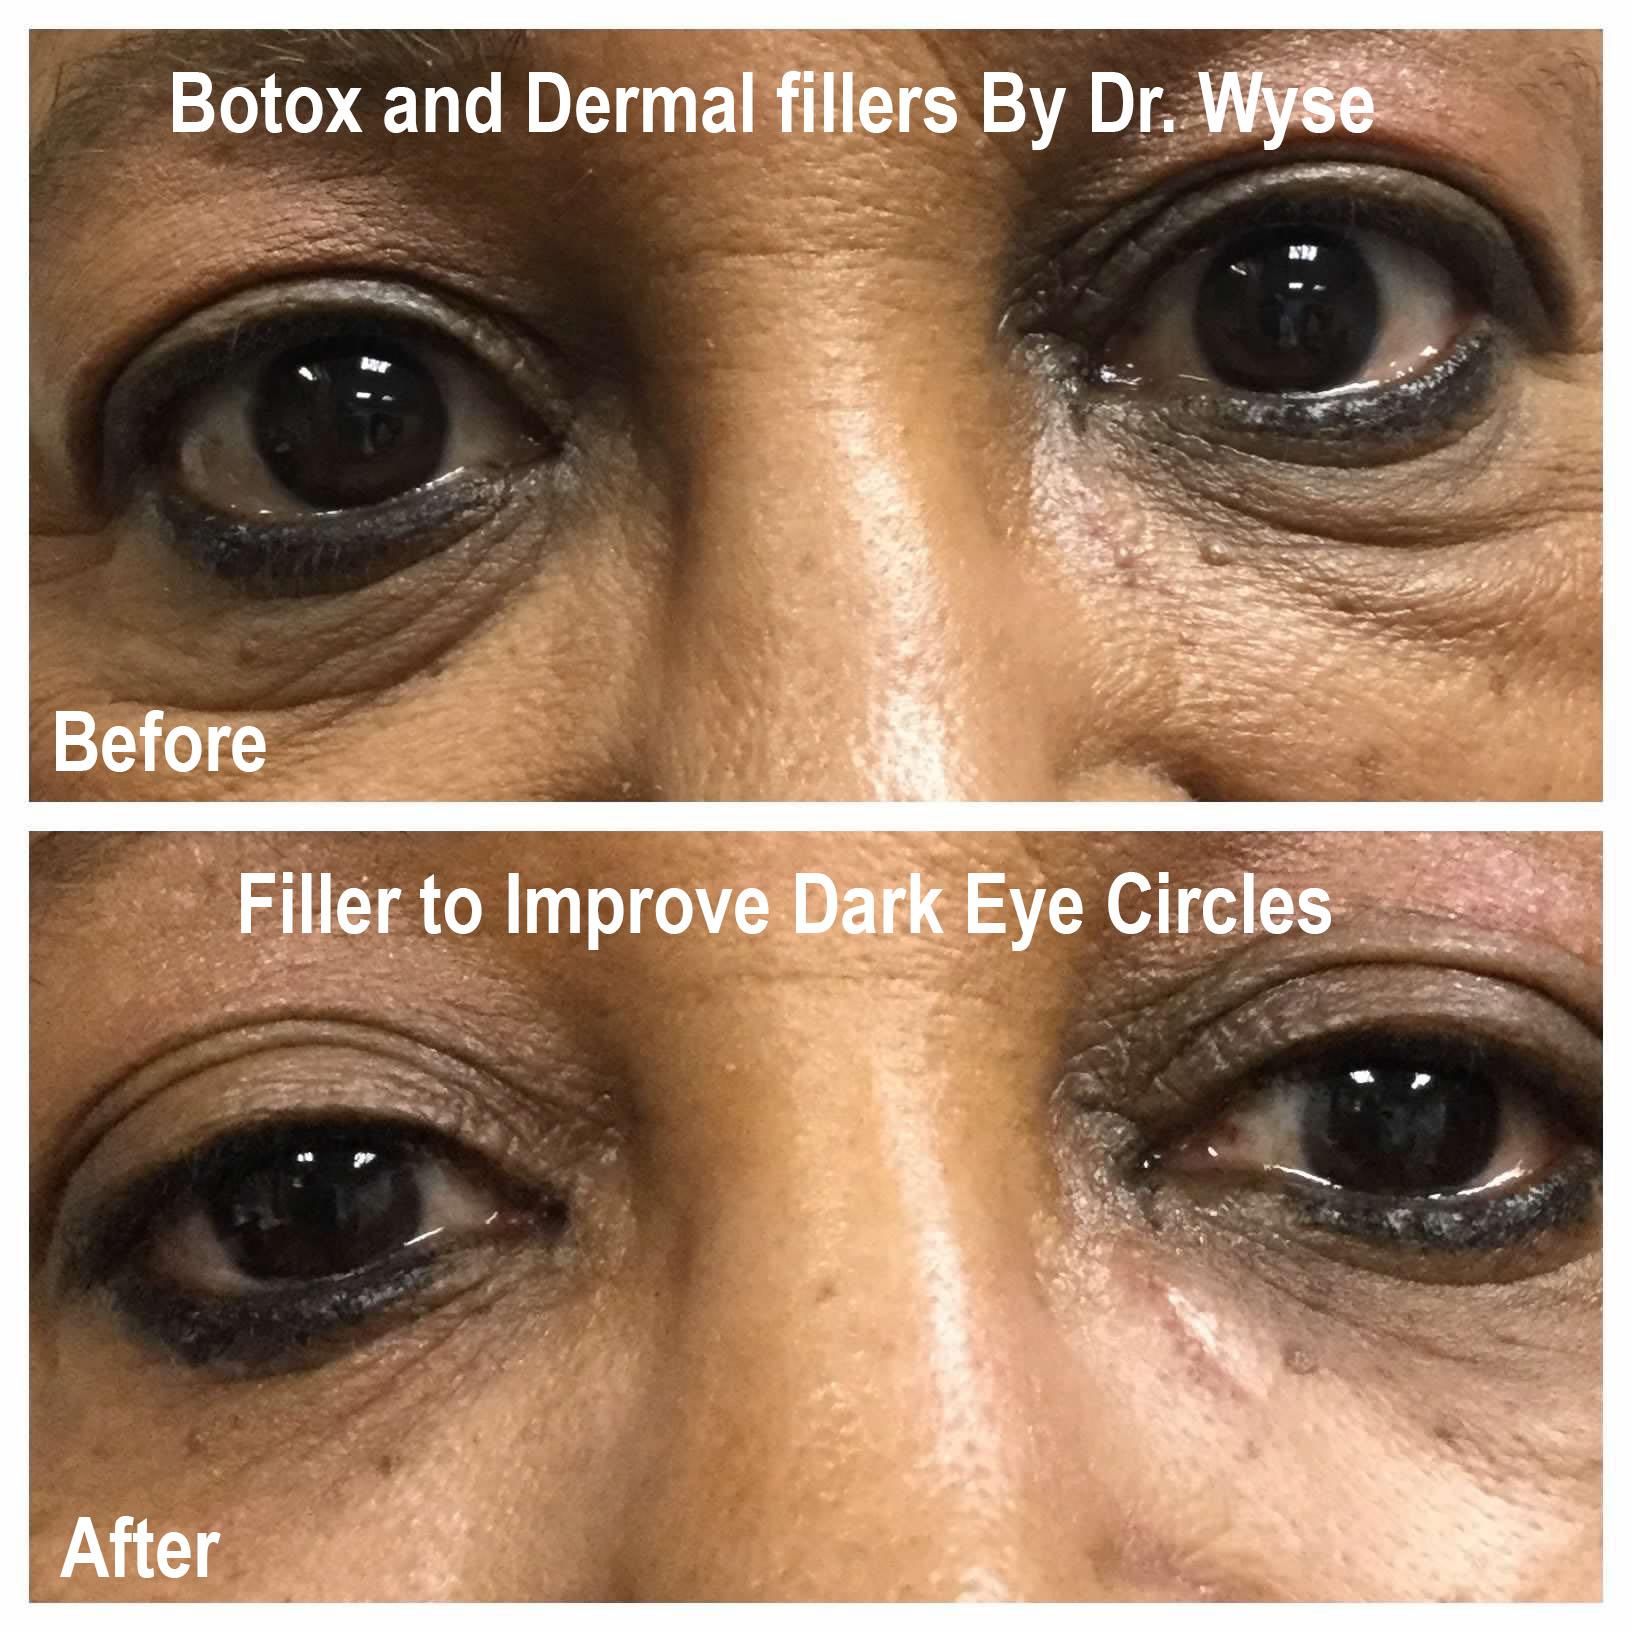 Dark Eye Circles - BOTOX and Dermal Fillers